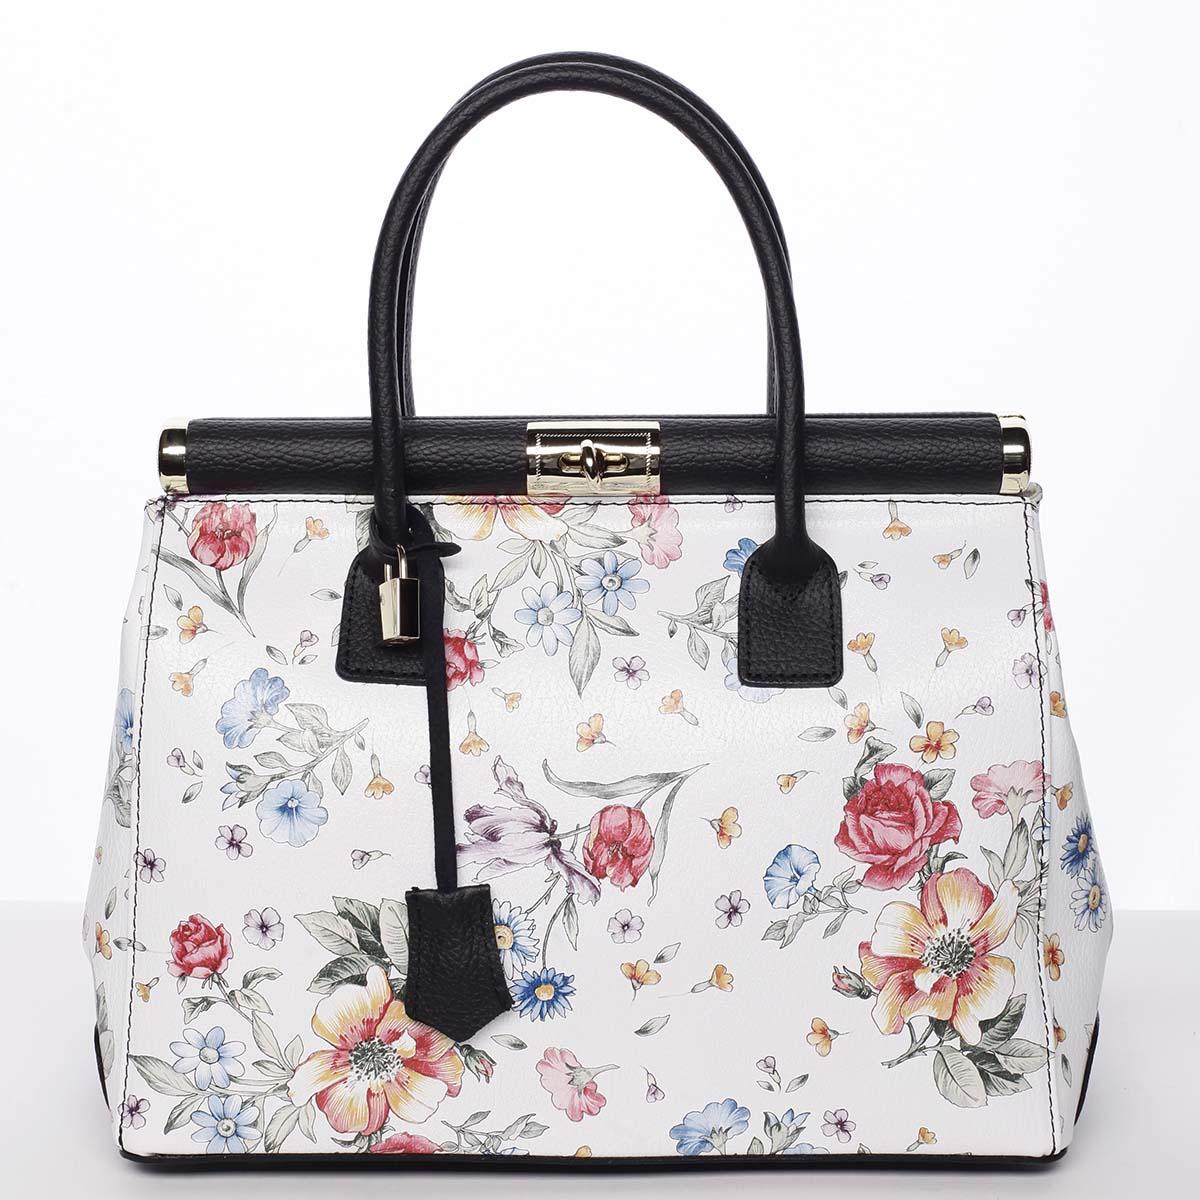 Originálna módna dámska kožená kabelka do ruky čierna kvetovaná - ItalY Hila čierna